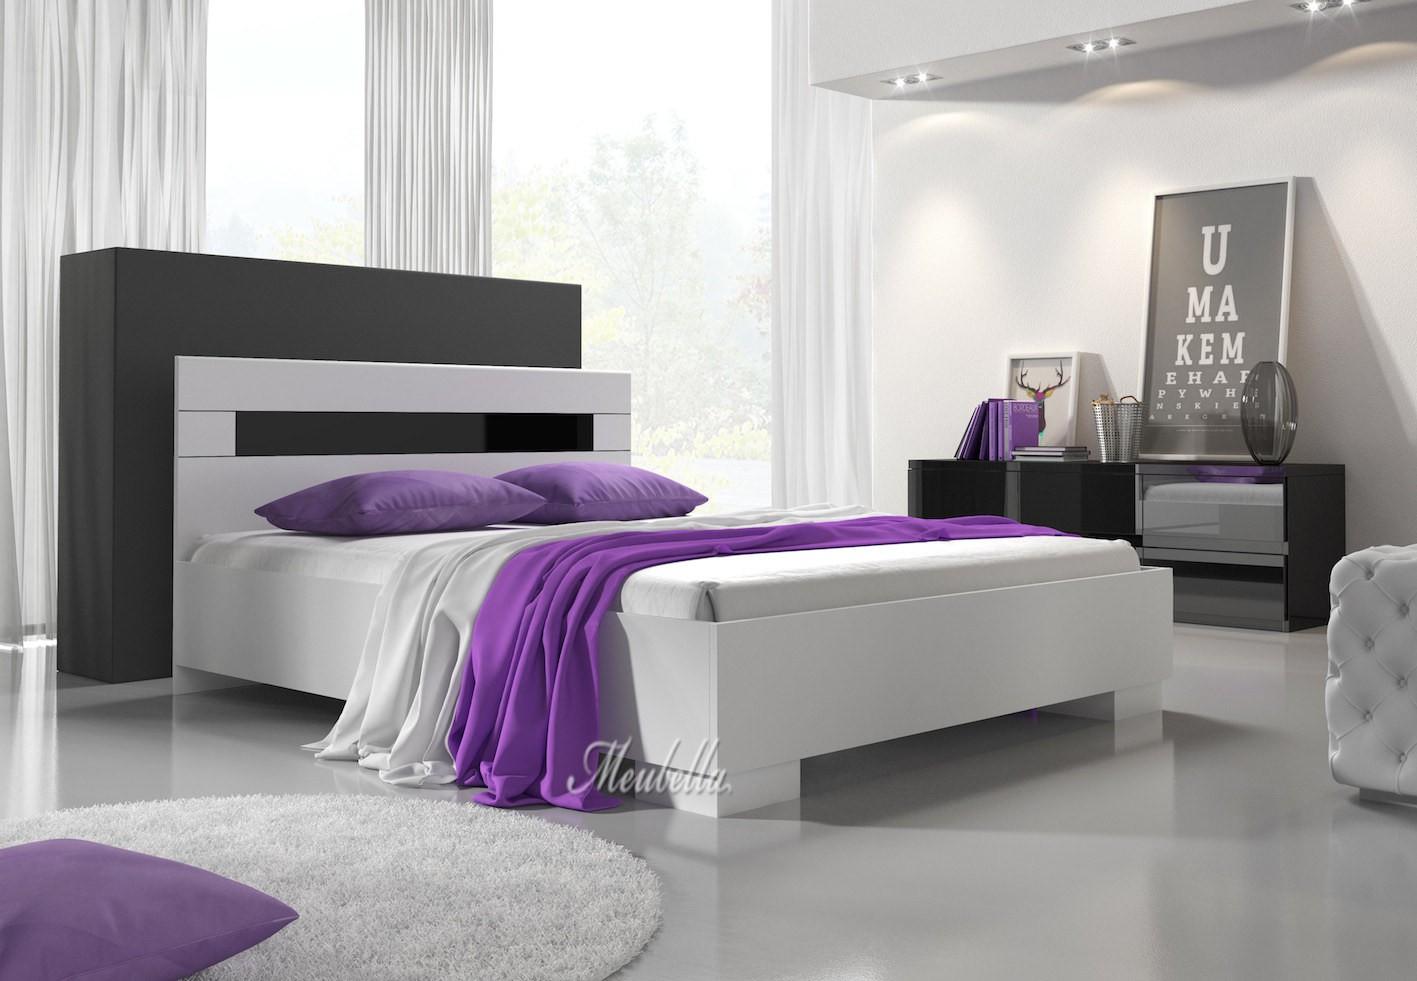 Hoofdbord bed hout cheap bedhoofd steigerhout with hoofdbord bed